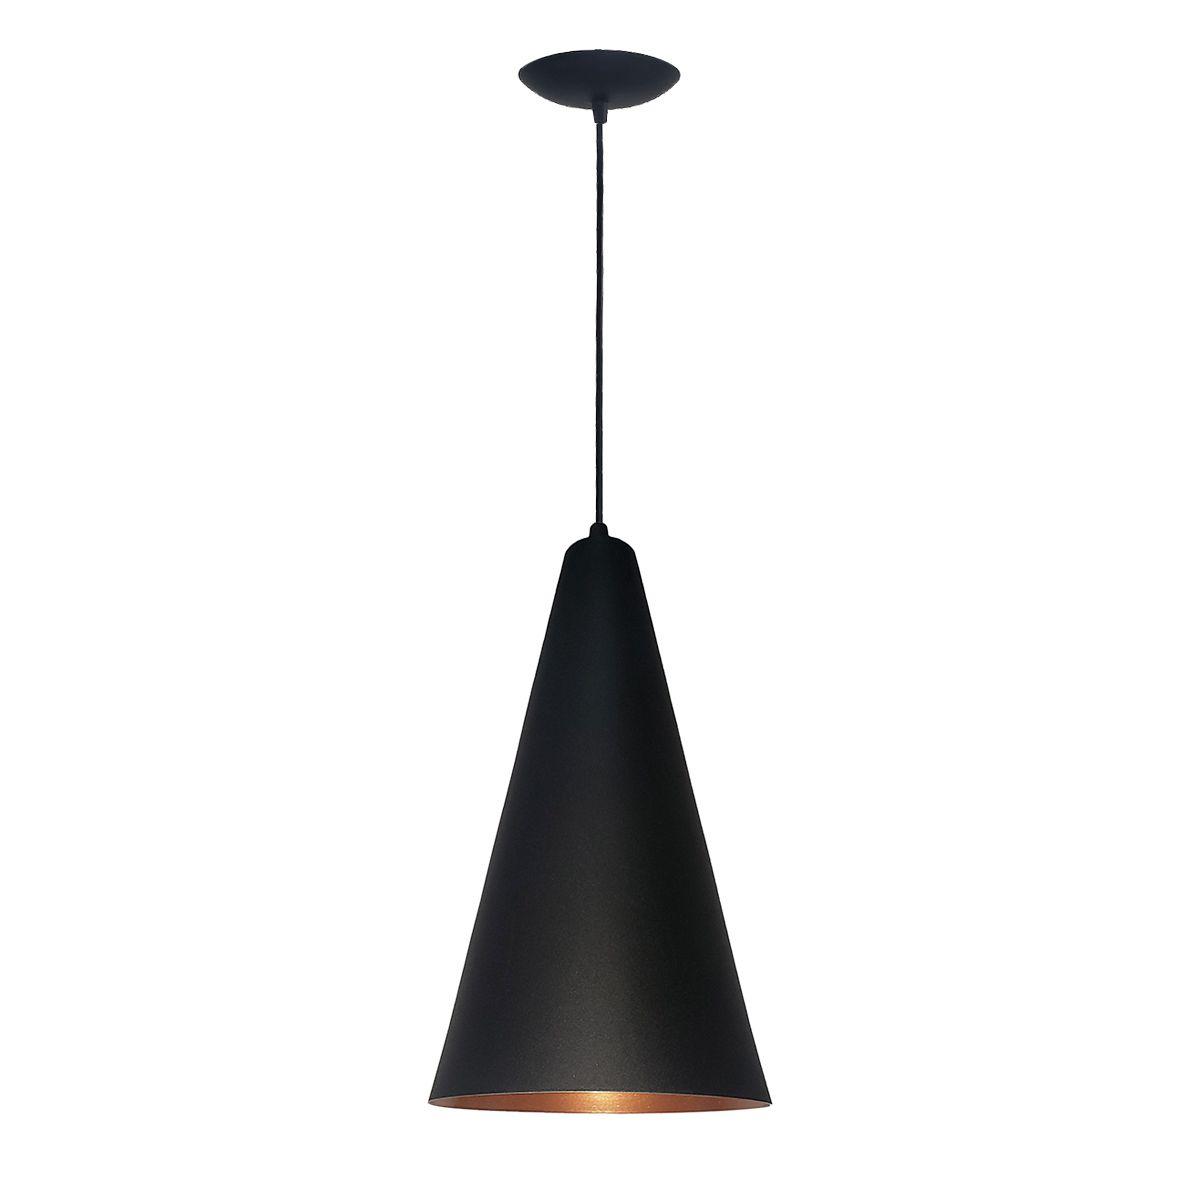 Luminária Decorativa Cônico 29 Preto/Cobre com Pendente